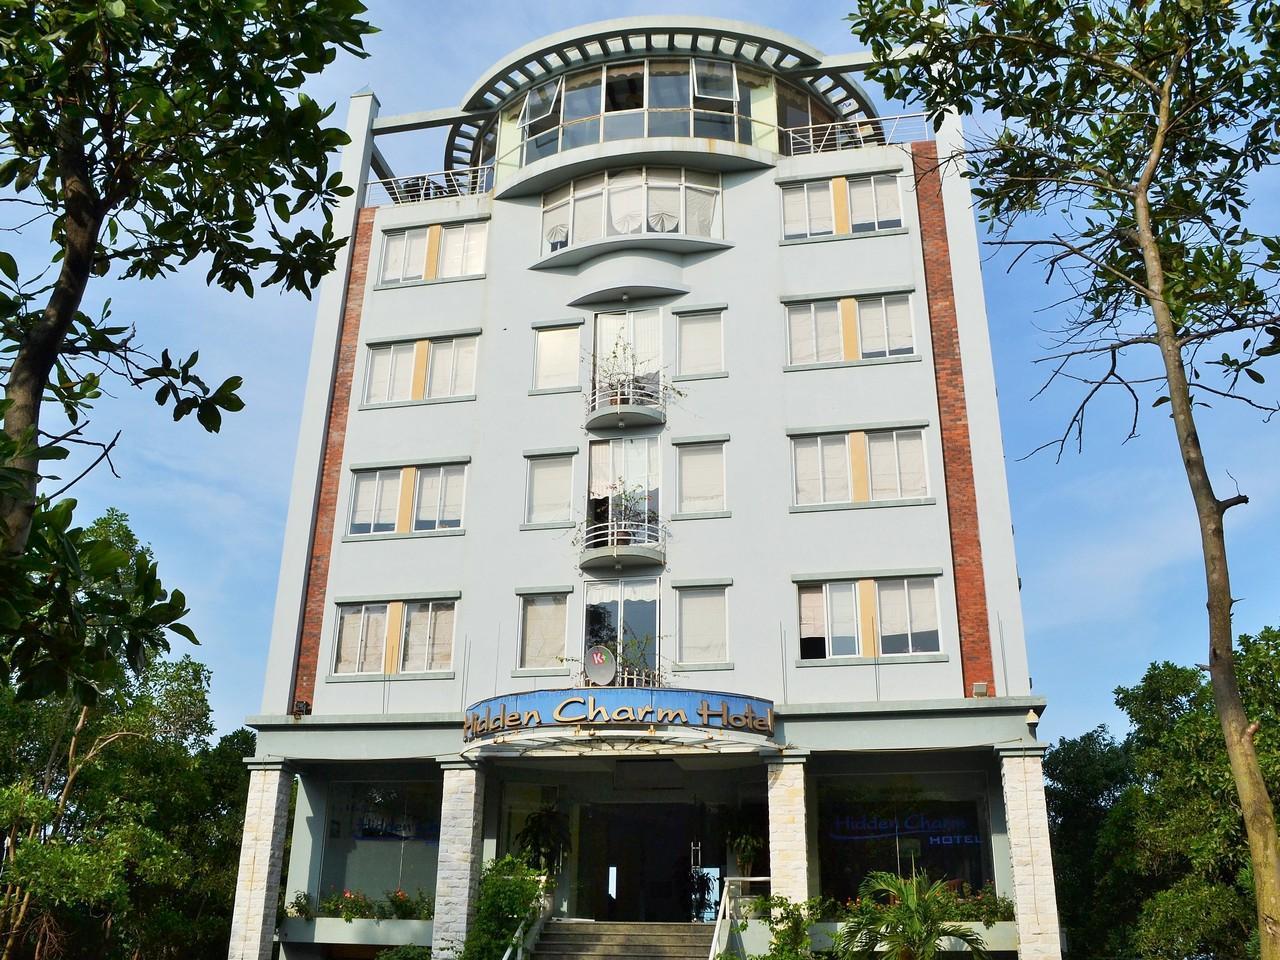 Hidden Charm Hotel - Hotell och Boende i Vietnam , Halong